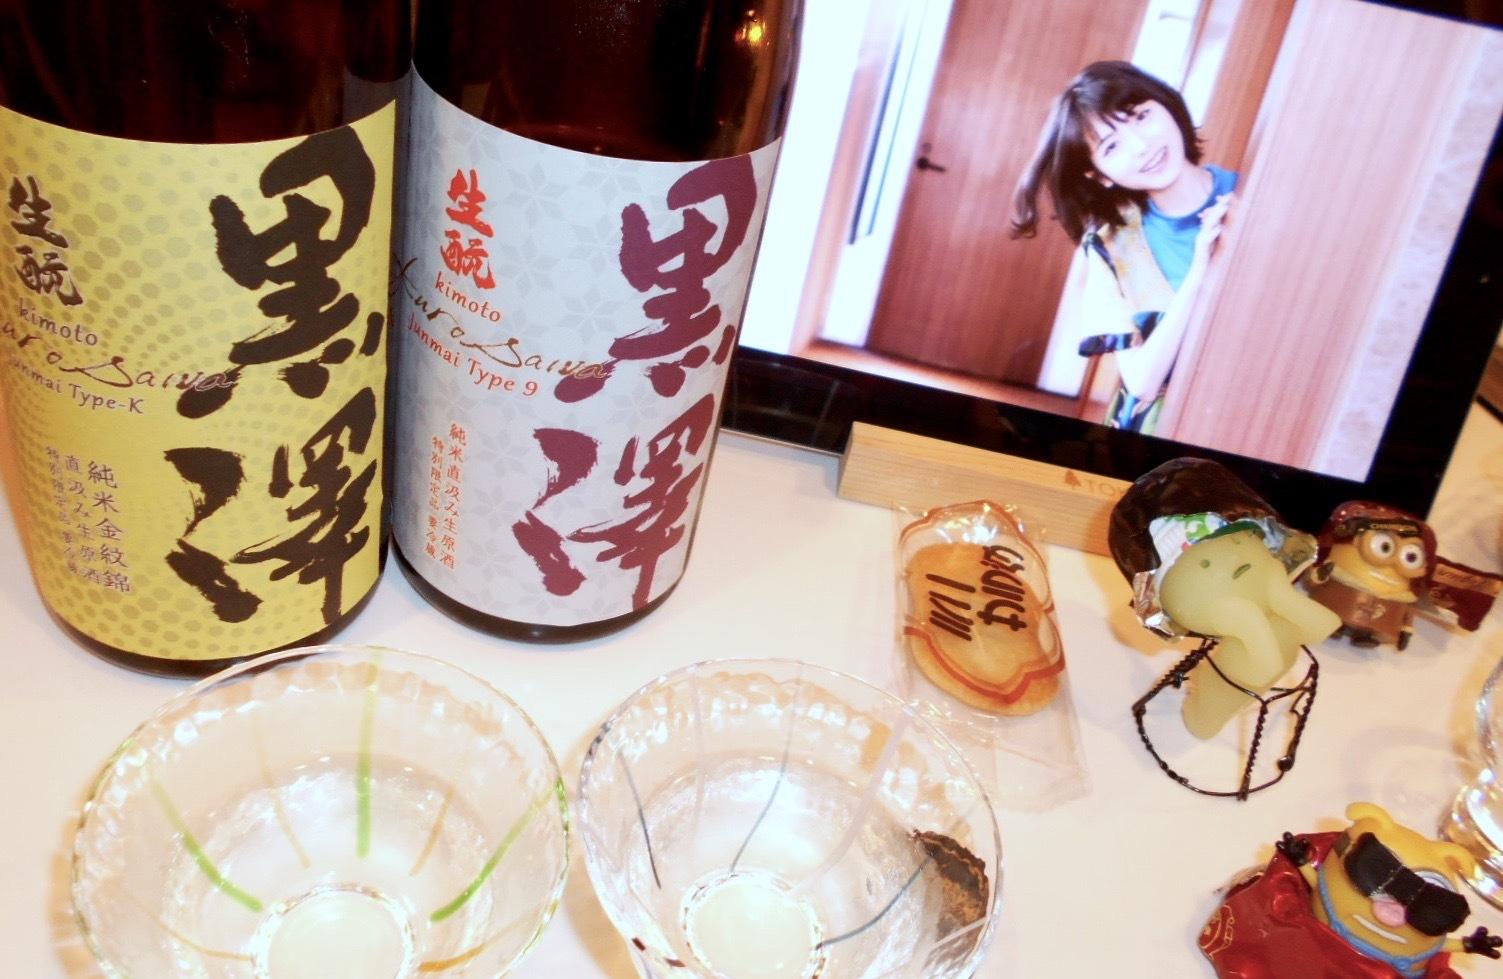 kurosawa_type9_30by2_8.jpg